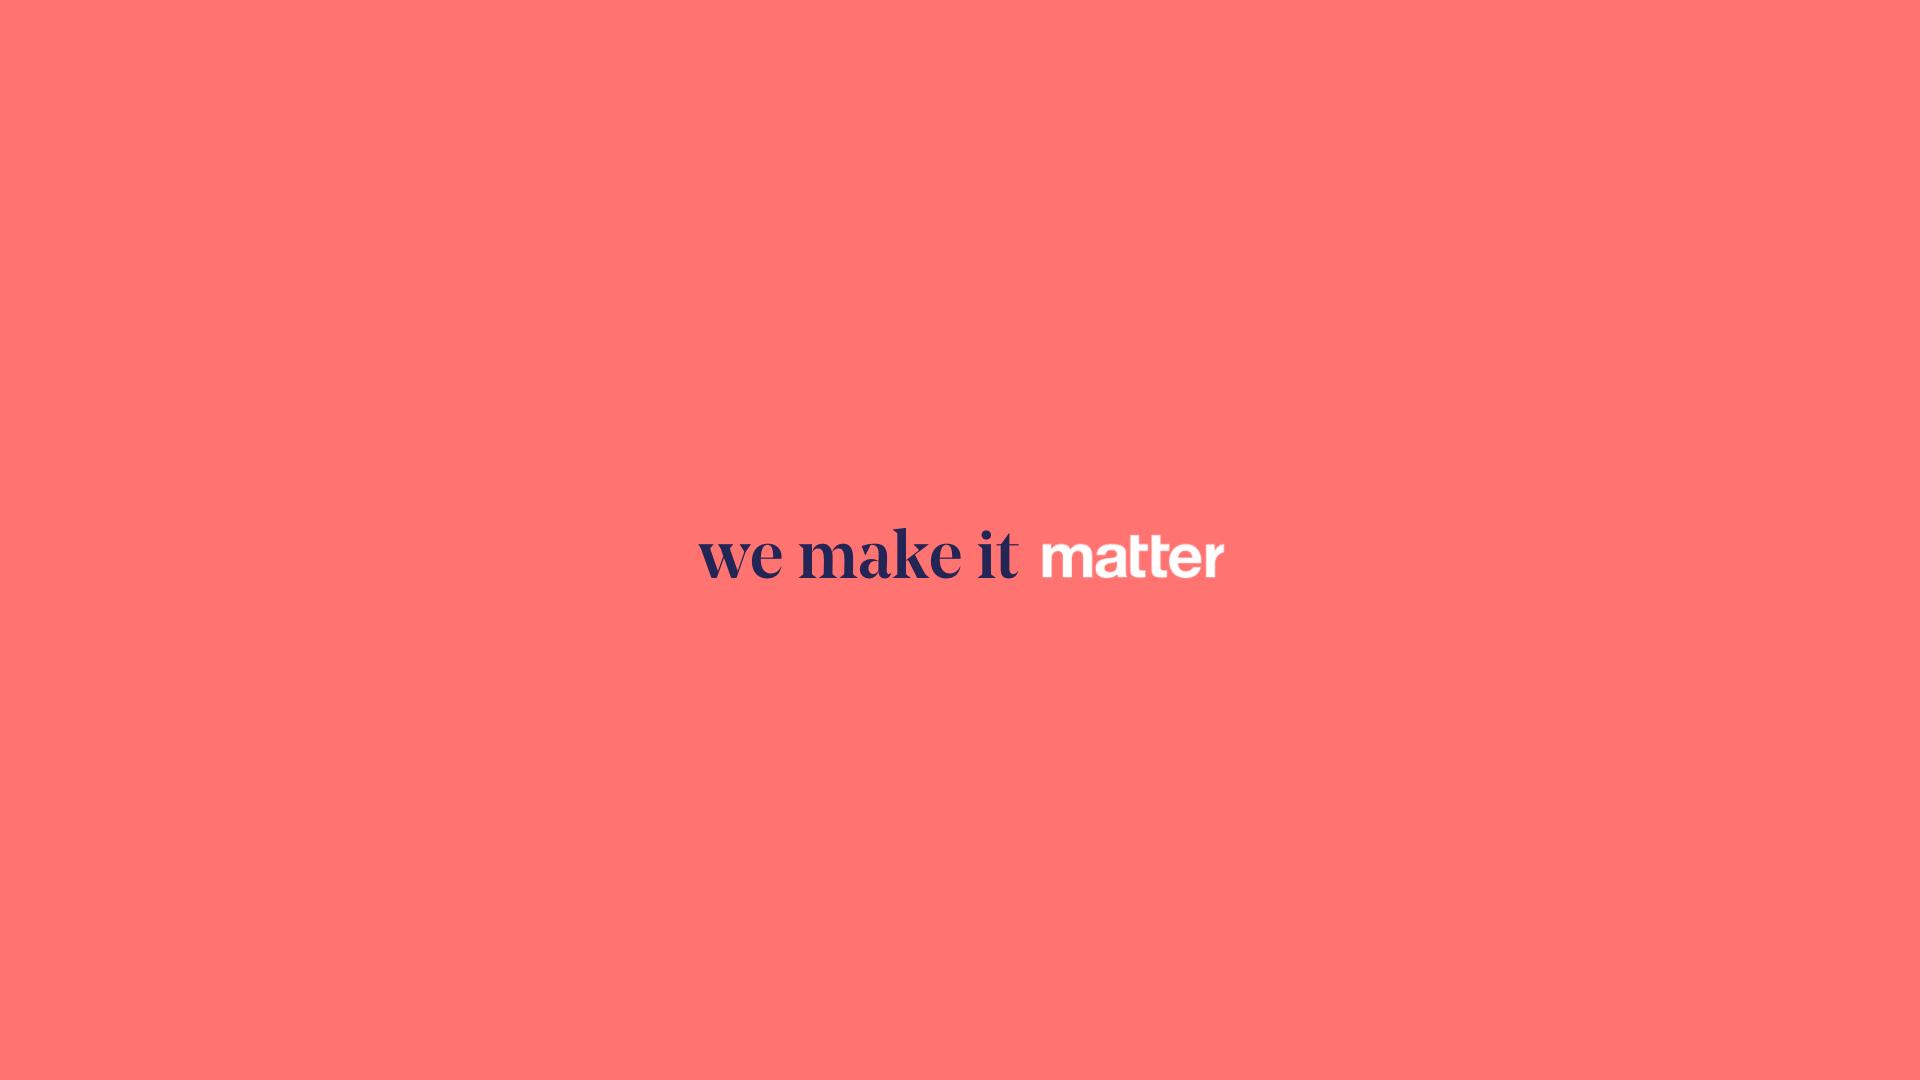 Matter Website Redesign